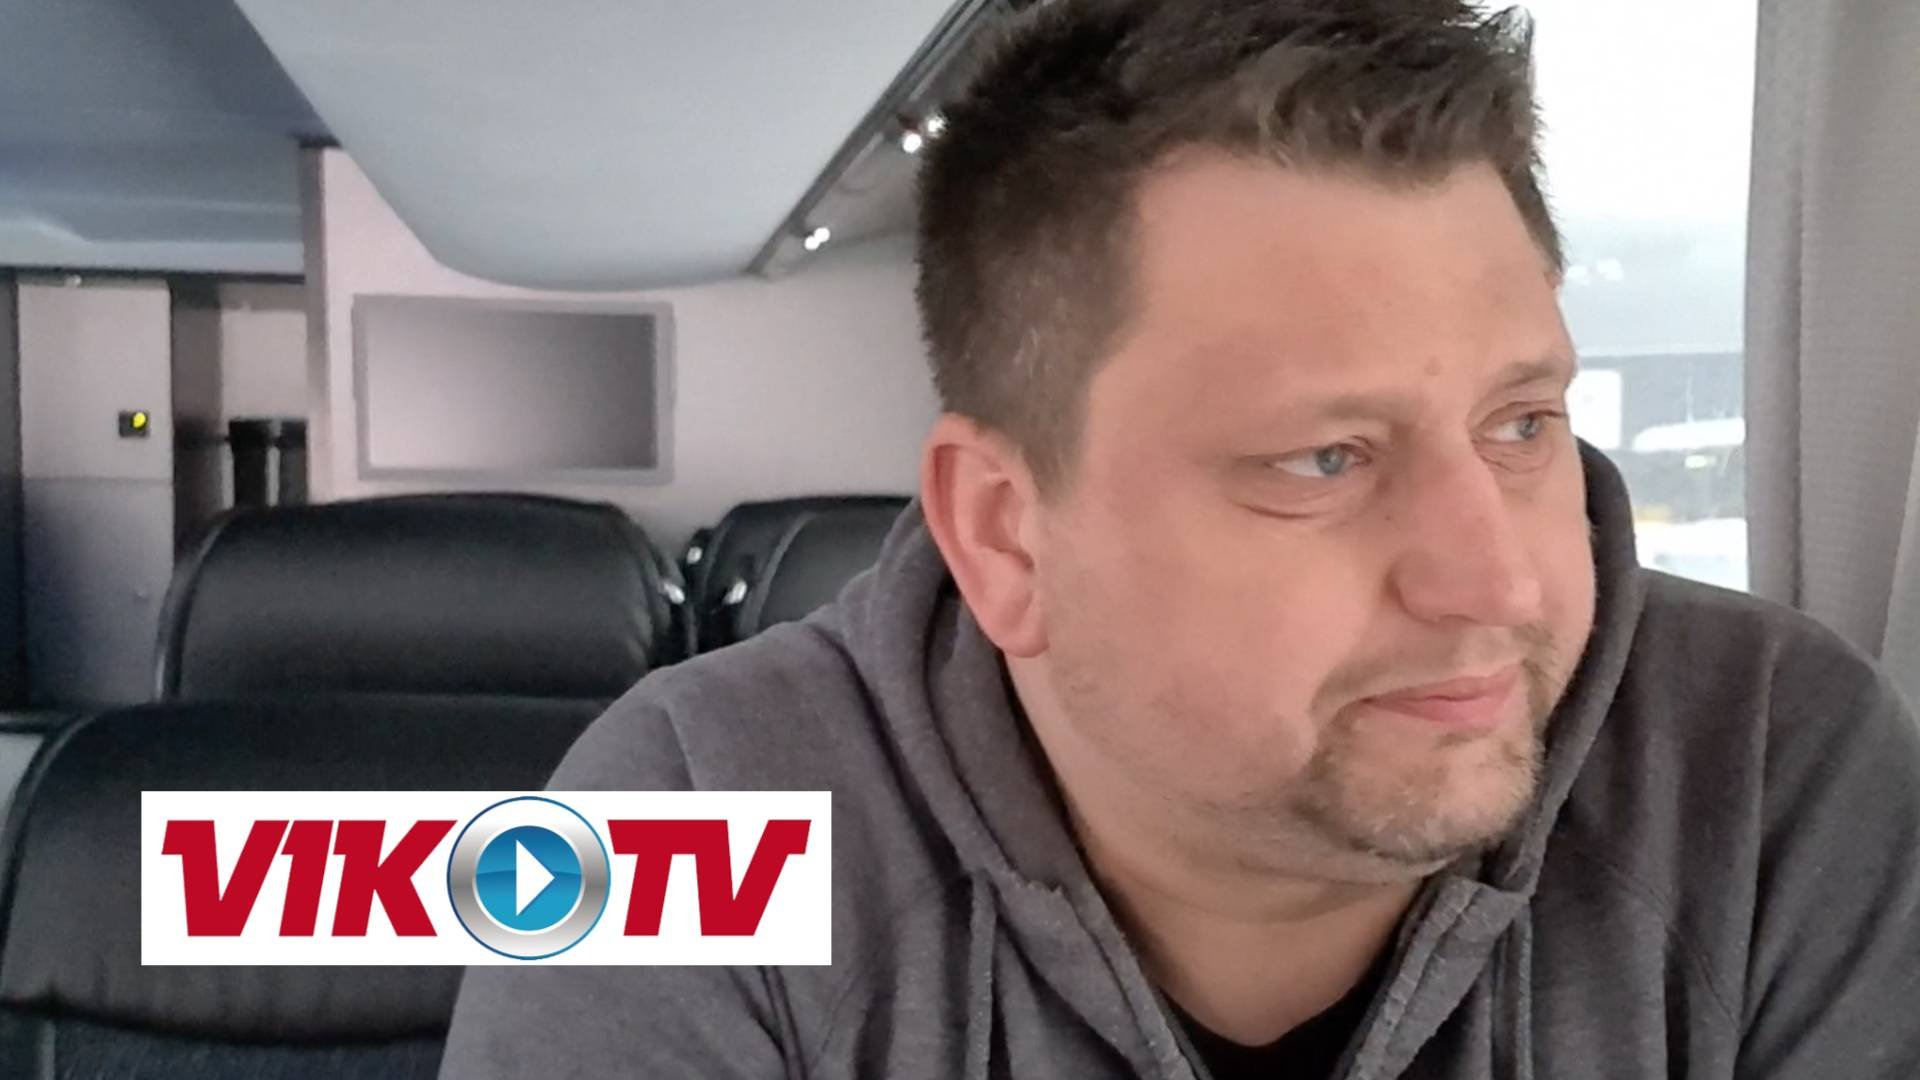 Intervju med Karlin inför bortamatchen mot Timrå 21/2